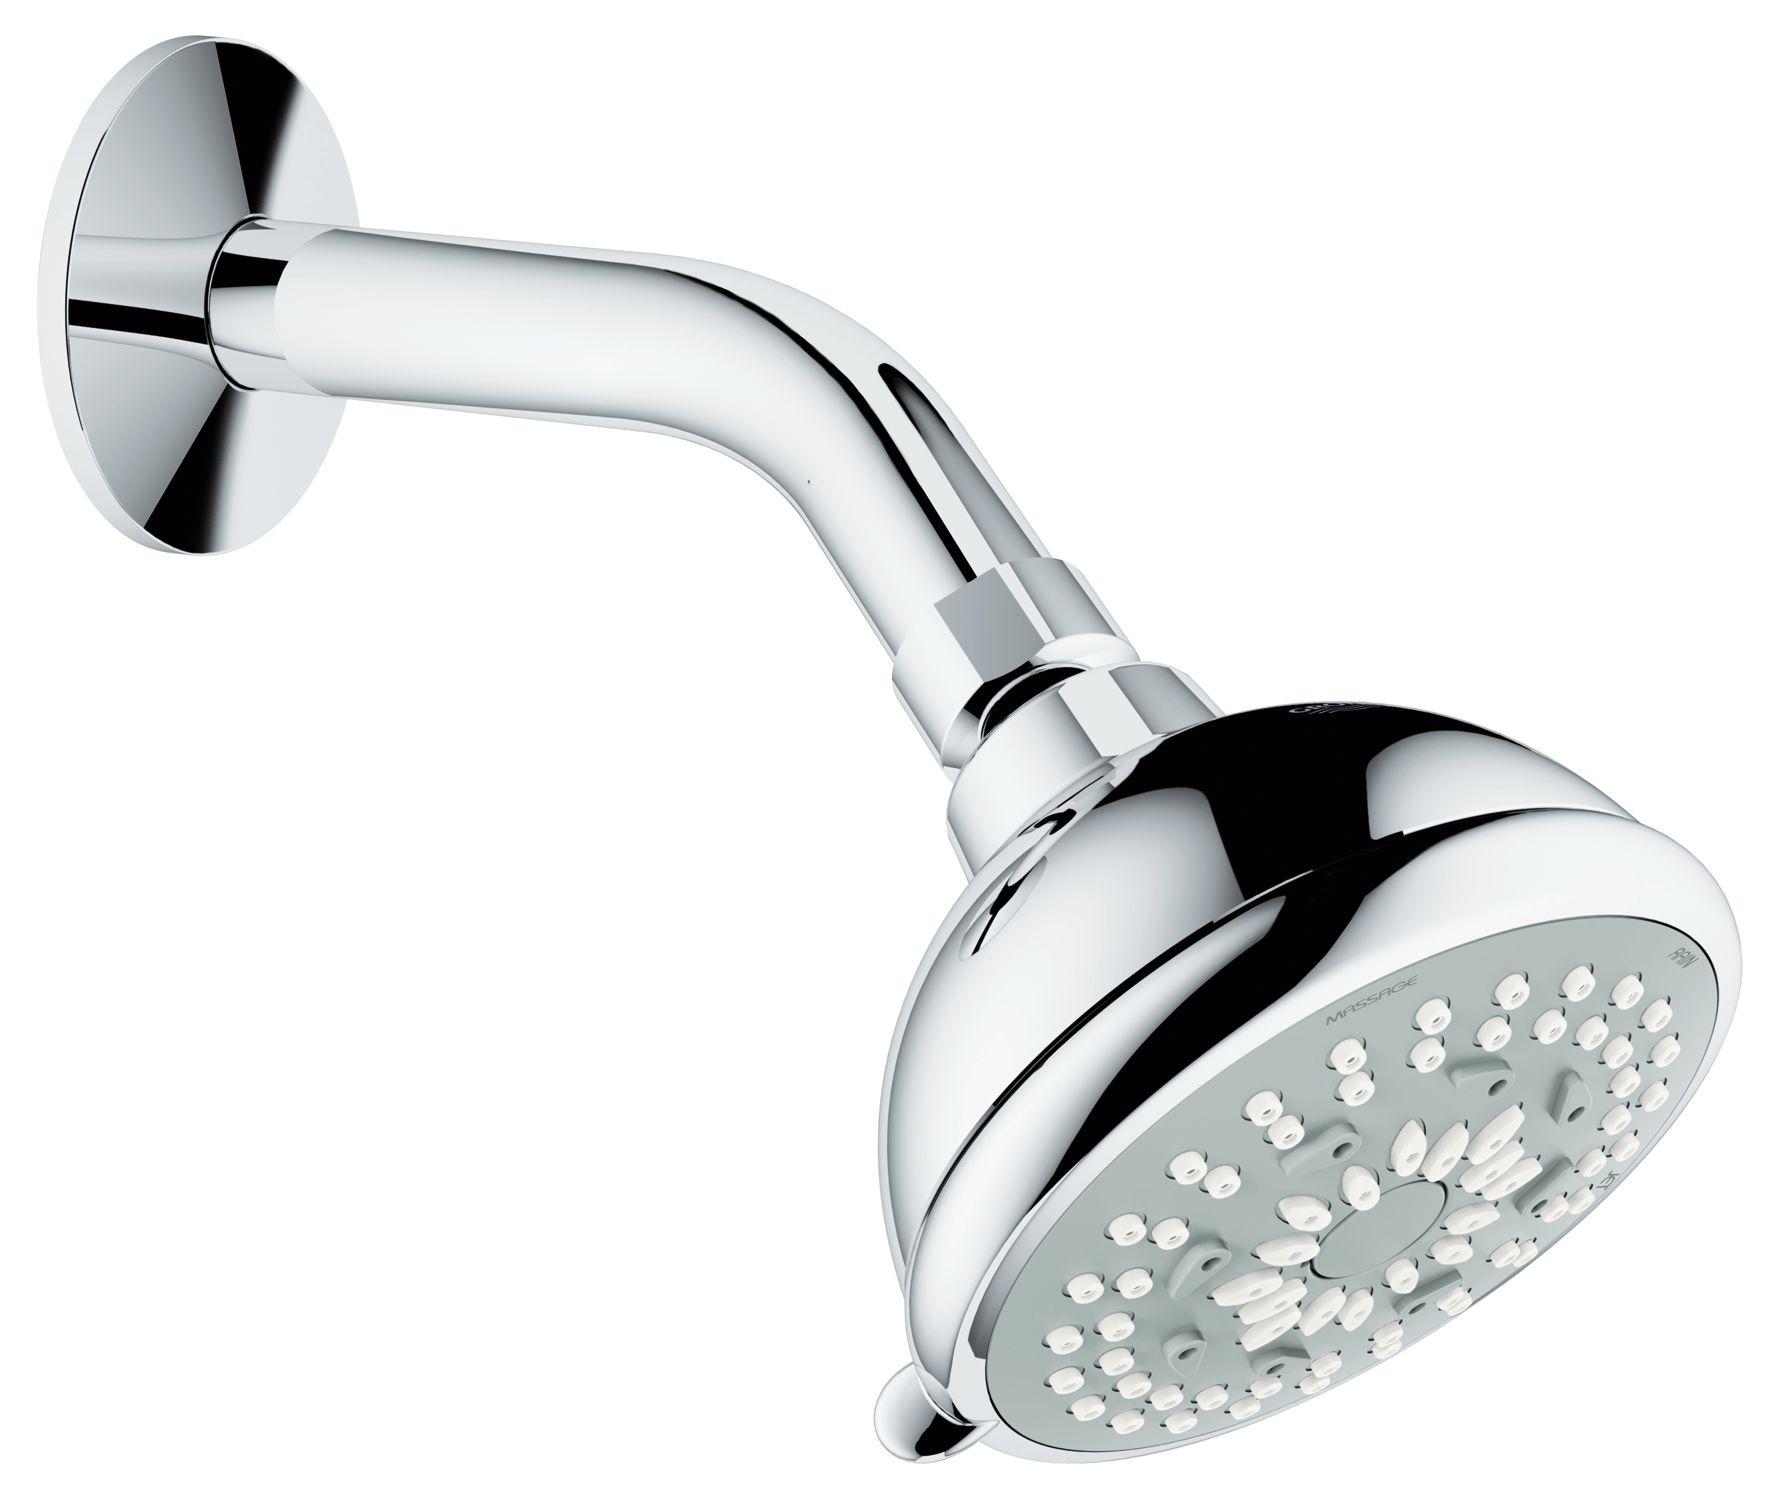 BauContemporary 90 Head shower set 3 sprays